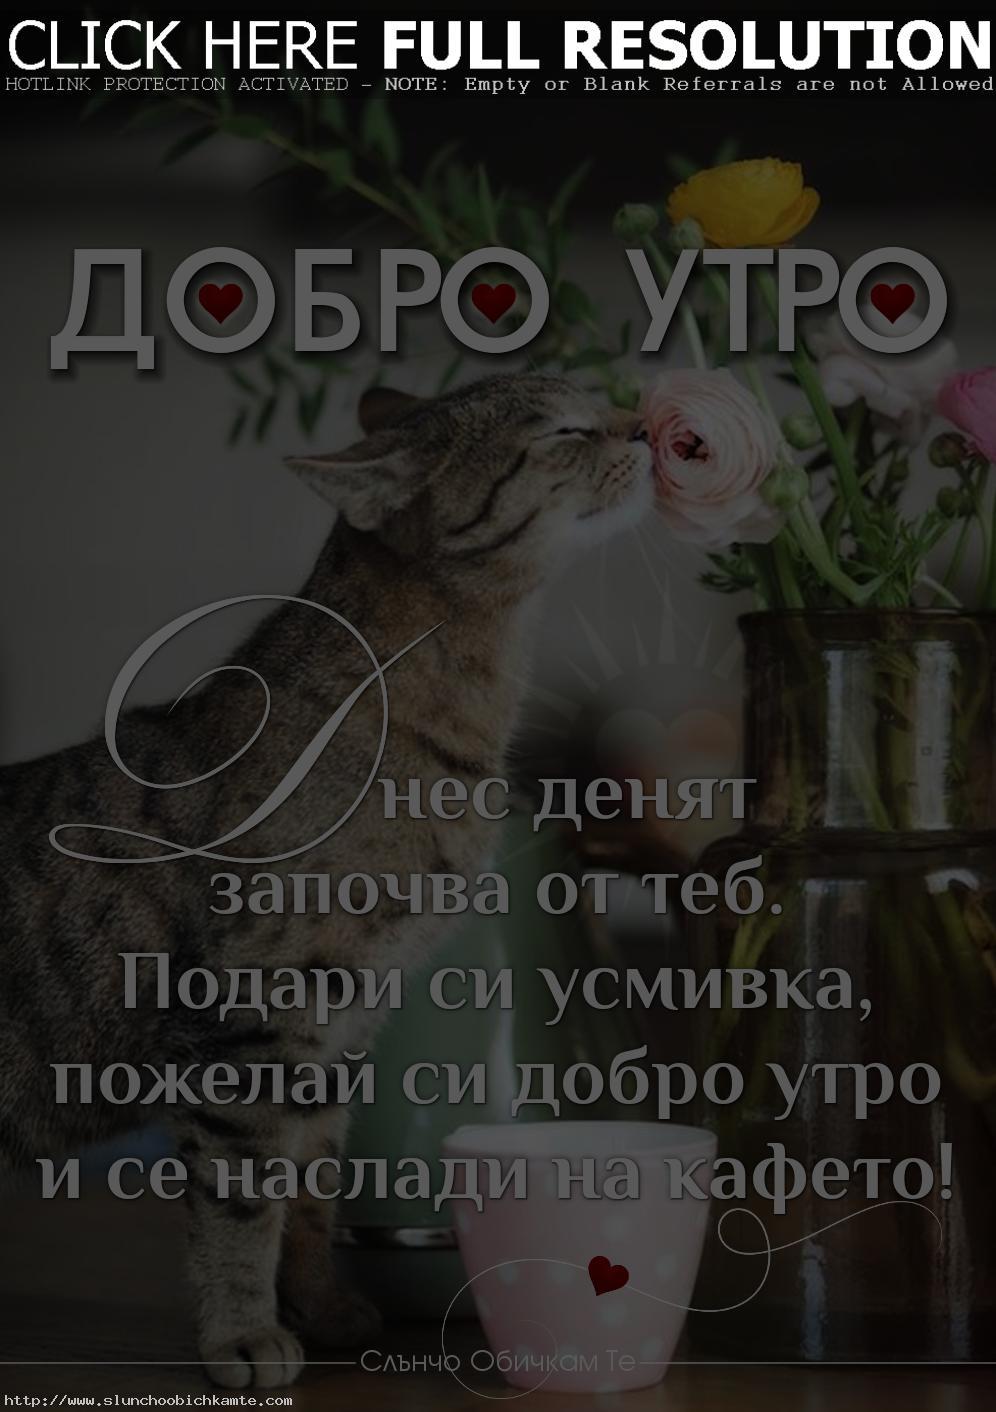 Пожелай си Добро утро, пожелания за добро утро, хубав ден, усмихнат ден, приятен ден, щастлив ден, подари и усмивка, добро утро приятели, виртуално добро утро, добро утро в неделя - Добро утро! Днес денят започва от теб. Подари си усмивка, пожелай си добро утро и се наслади на кафето